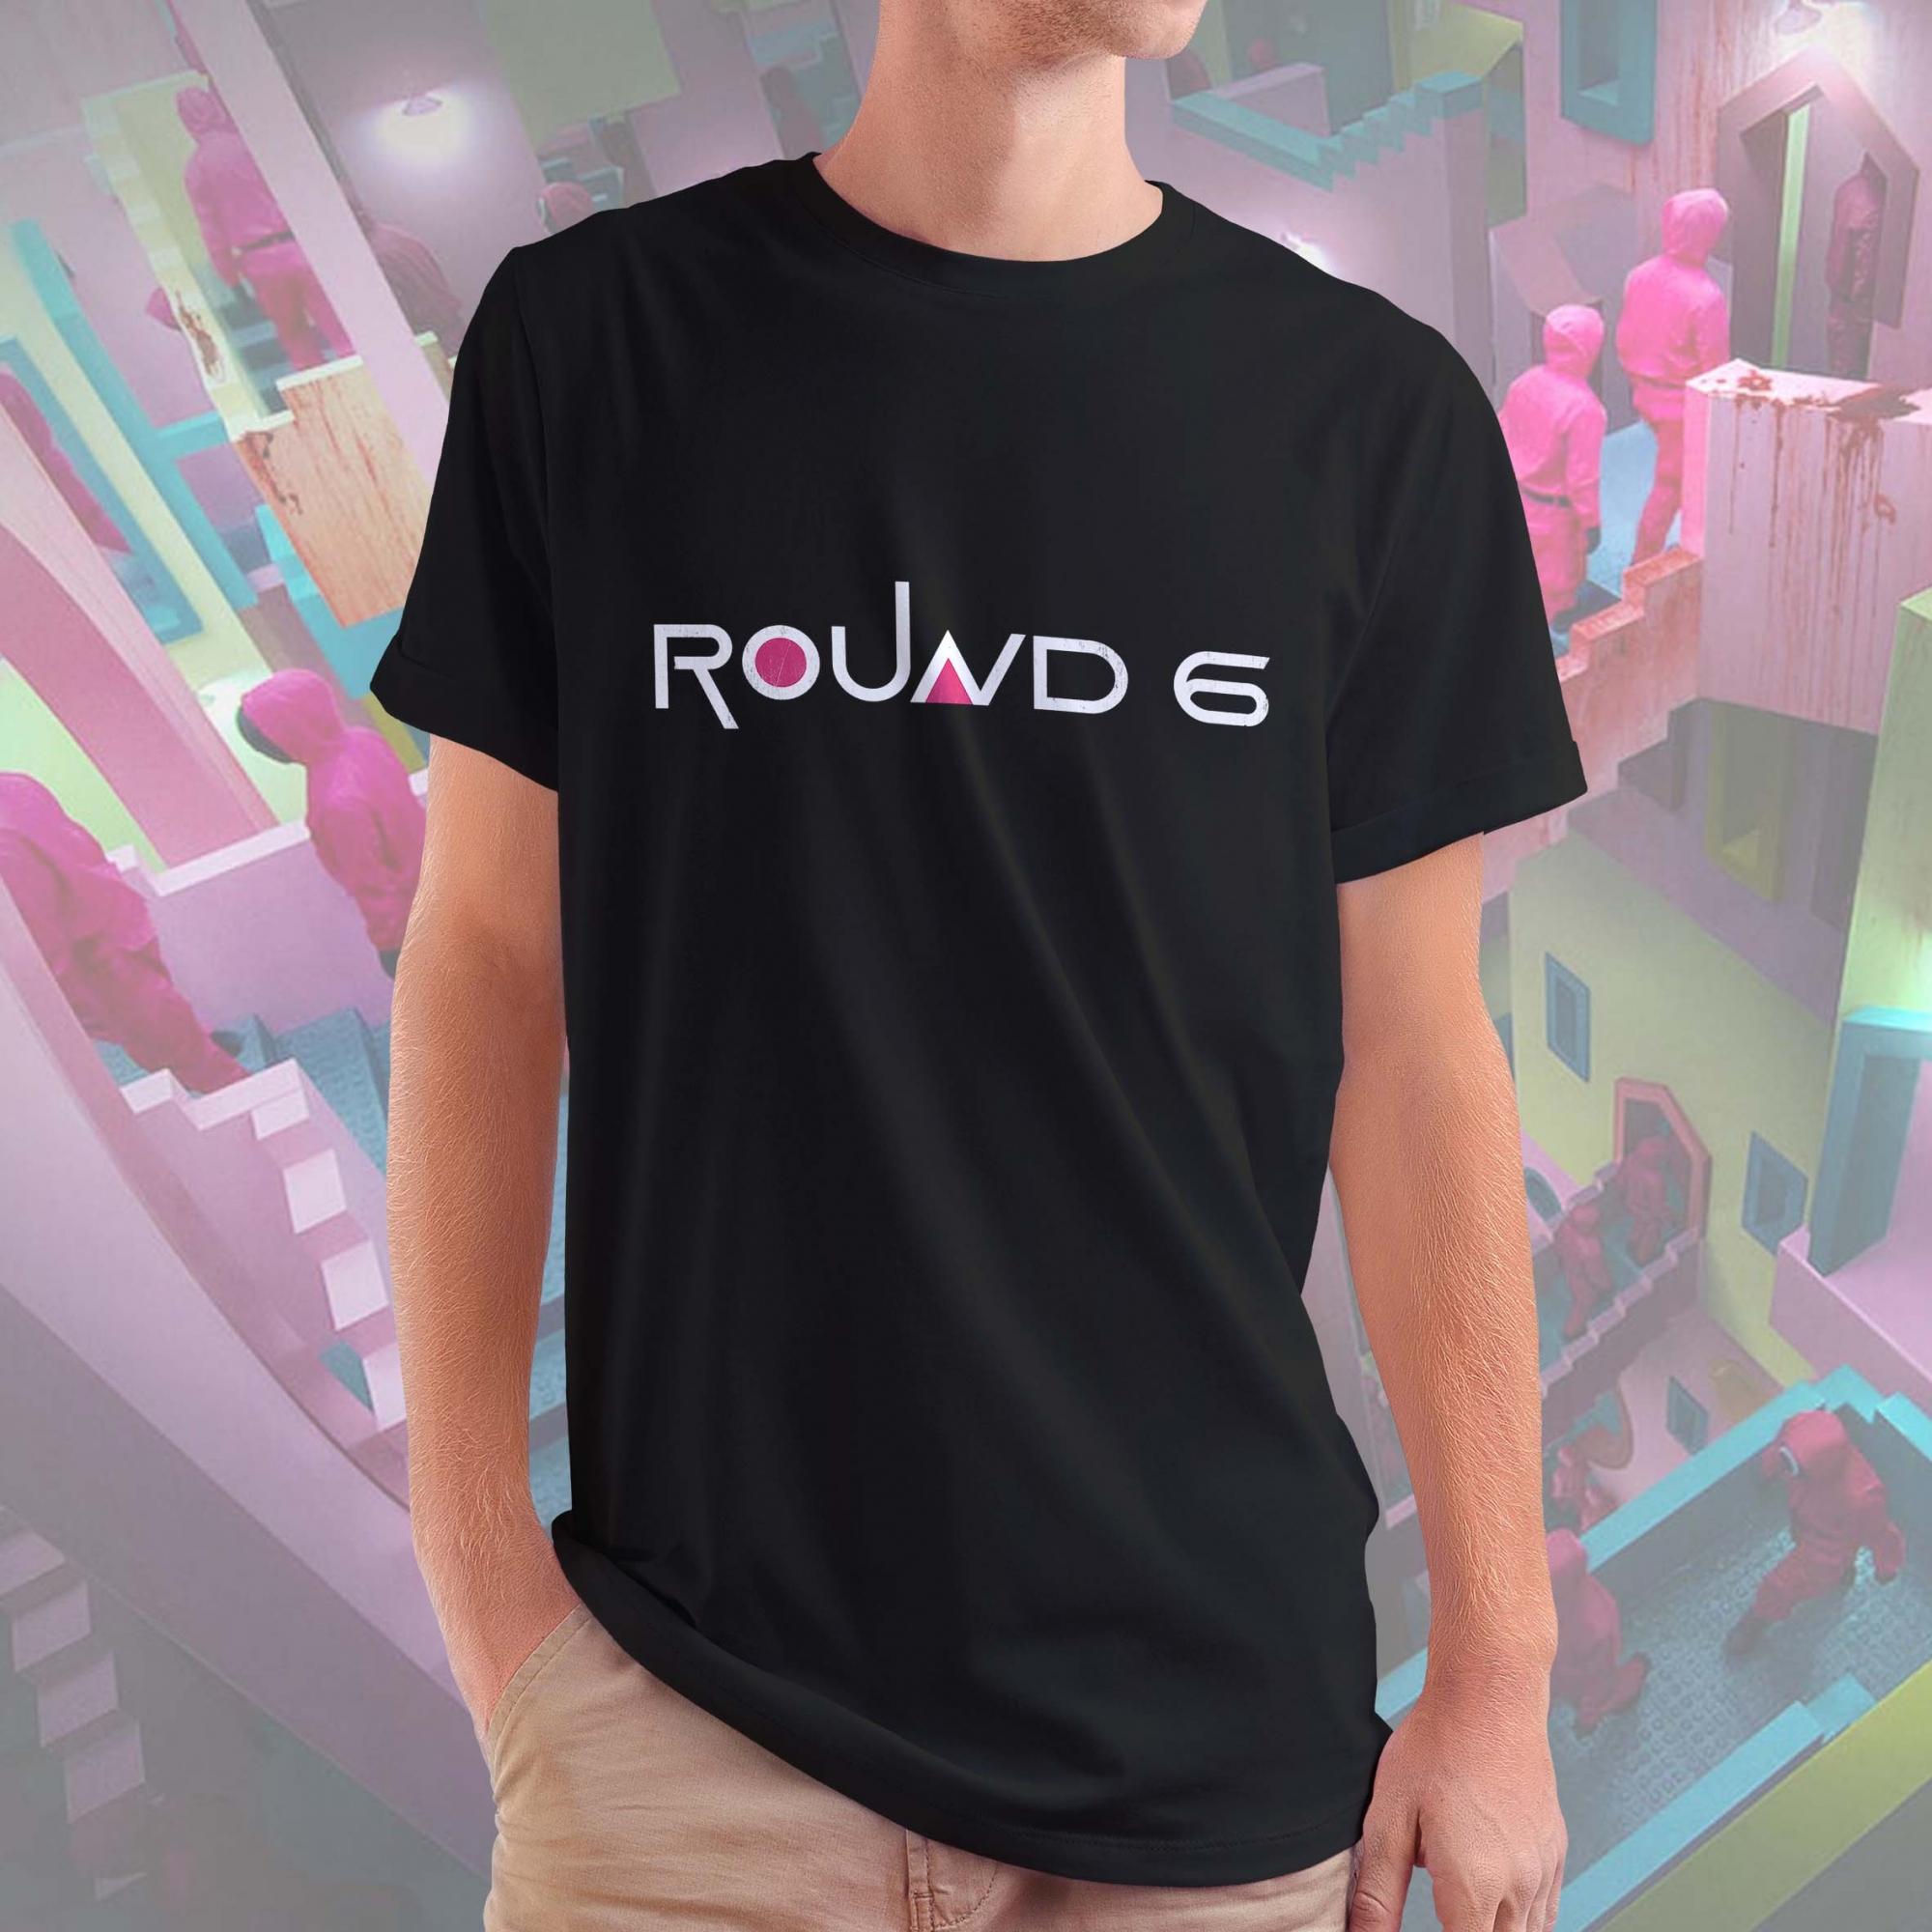 Camiseta Masculina Unissex Round 6 Logo Squid Game Netflix (Preta) - EV